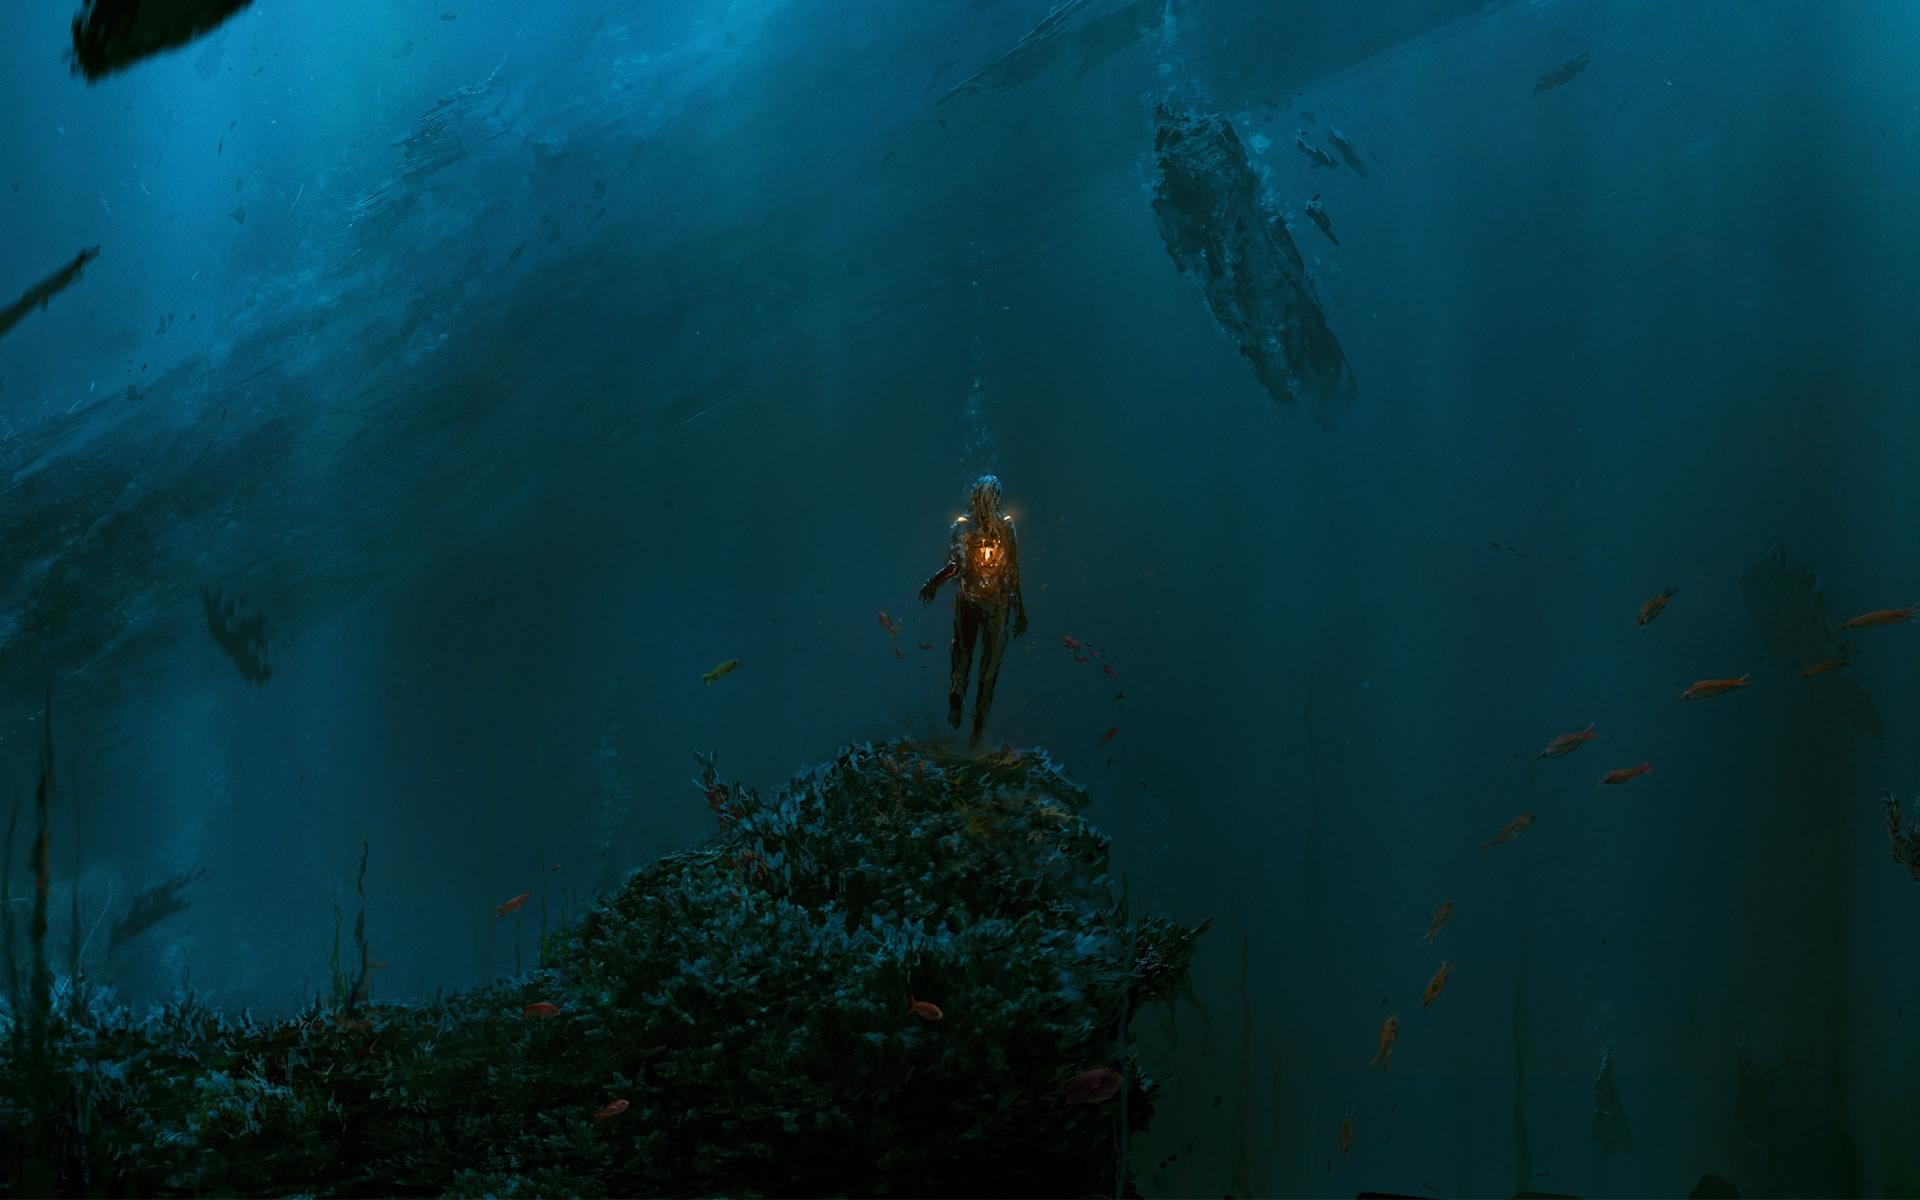 fantasy wallpaper of the week 8 digital paintings